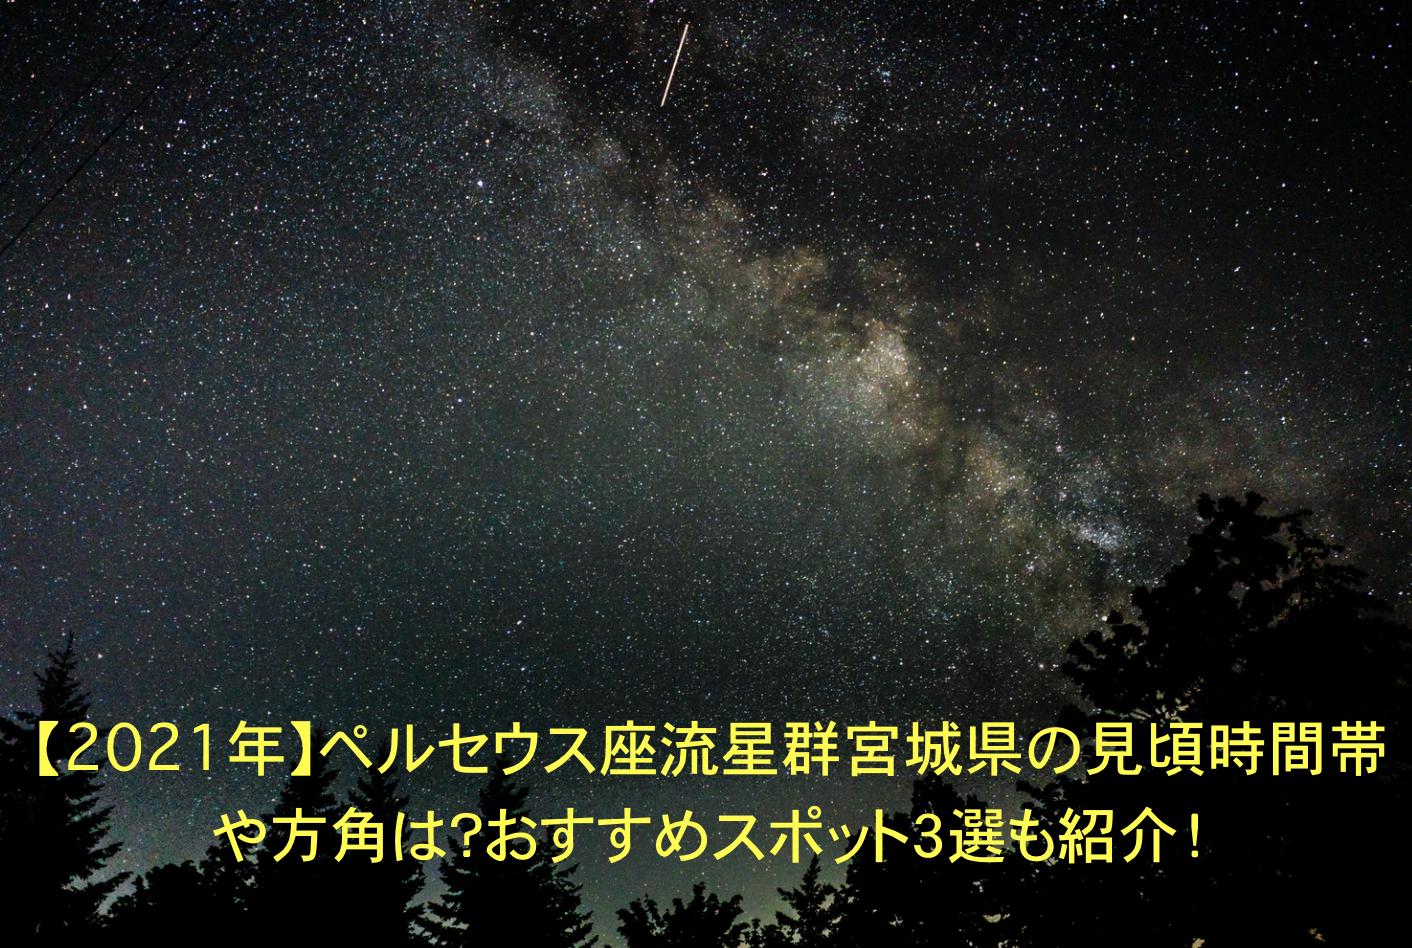 ペルセウス座流星群 宮城 見頃 時間帯 方角 オススメスポット